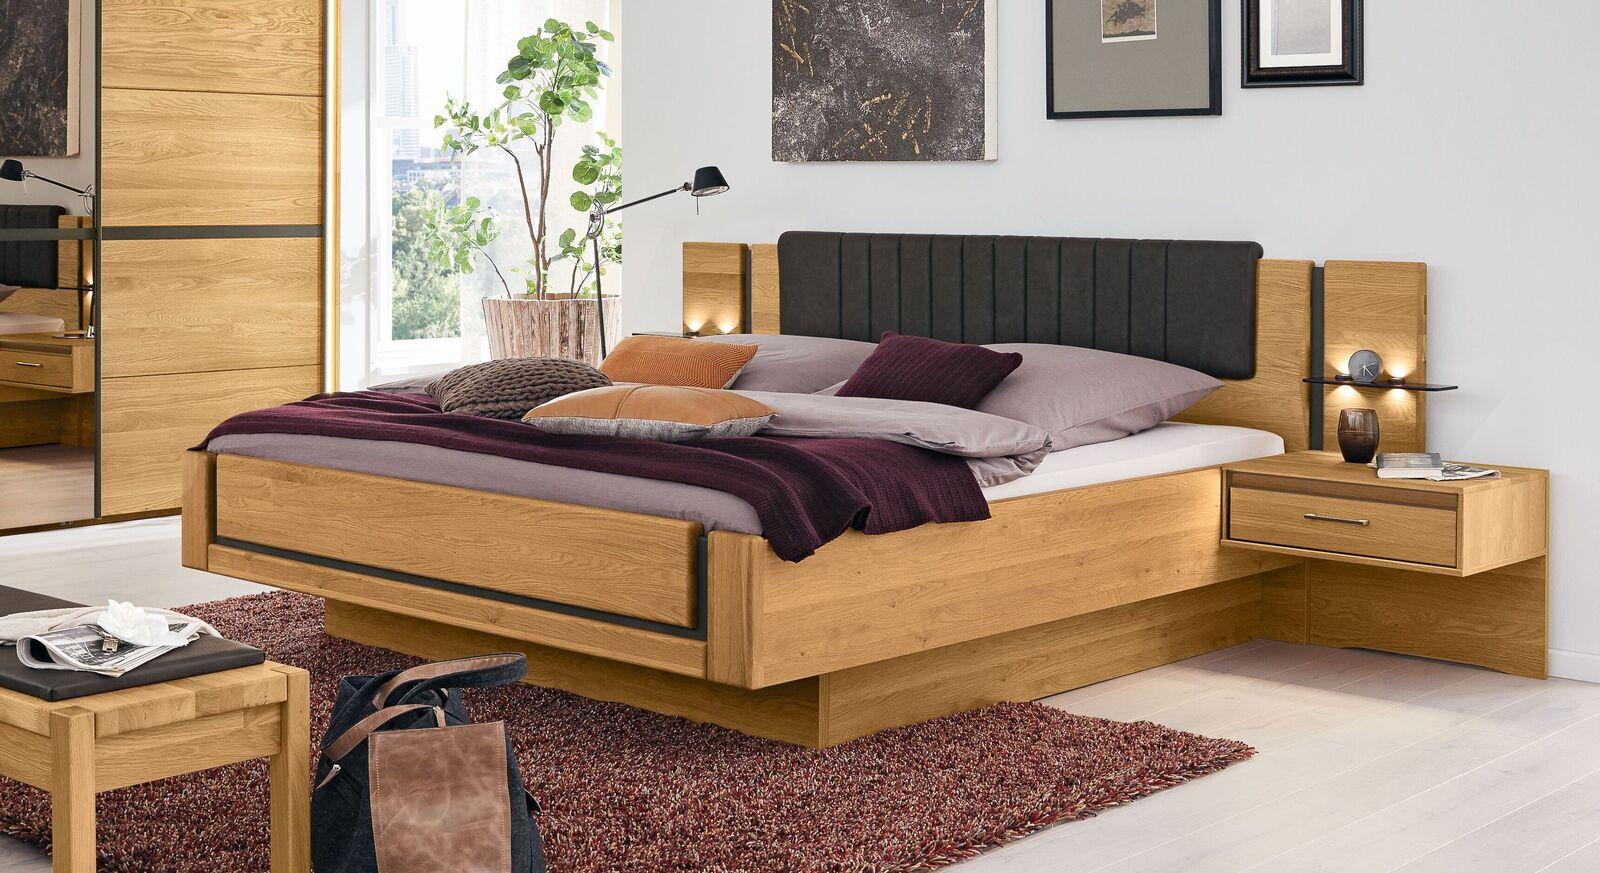 MUSTERRING Bett Sorrent in Schwebeoptik in klassischem Design